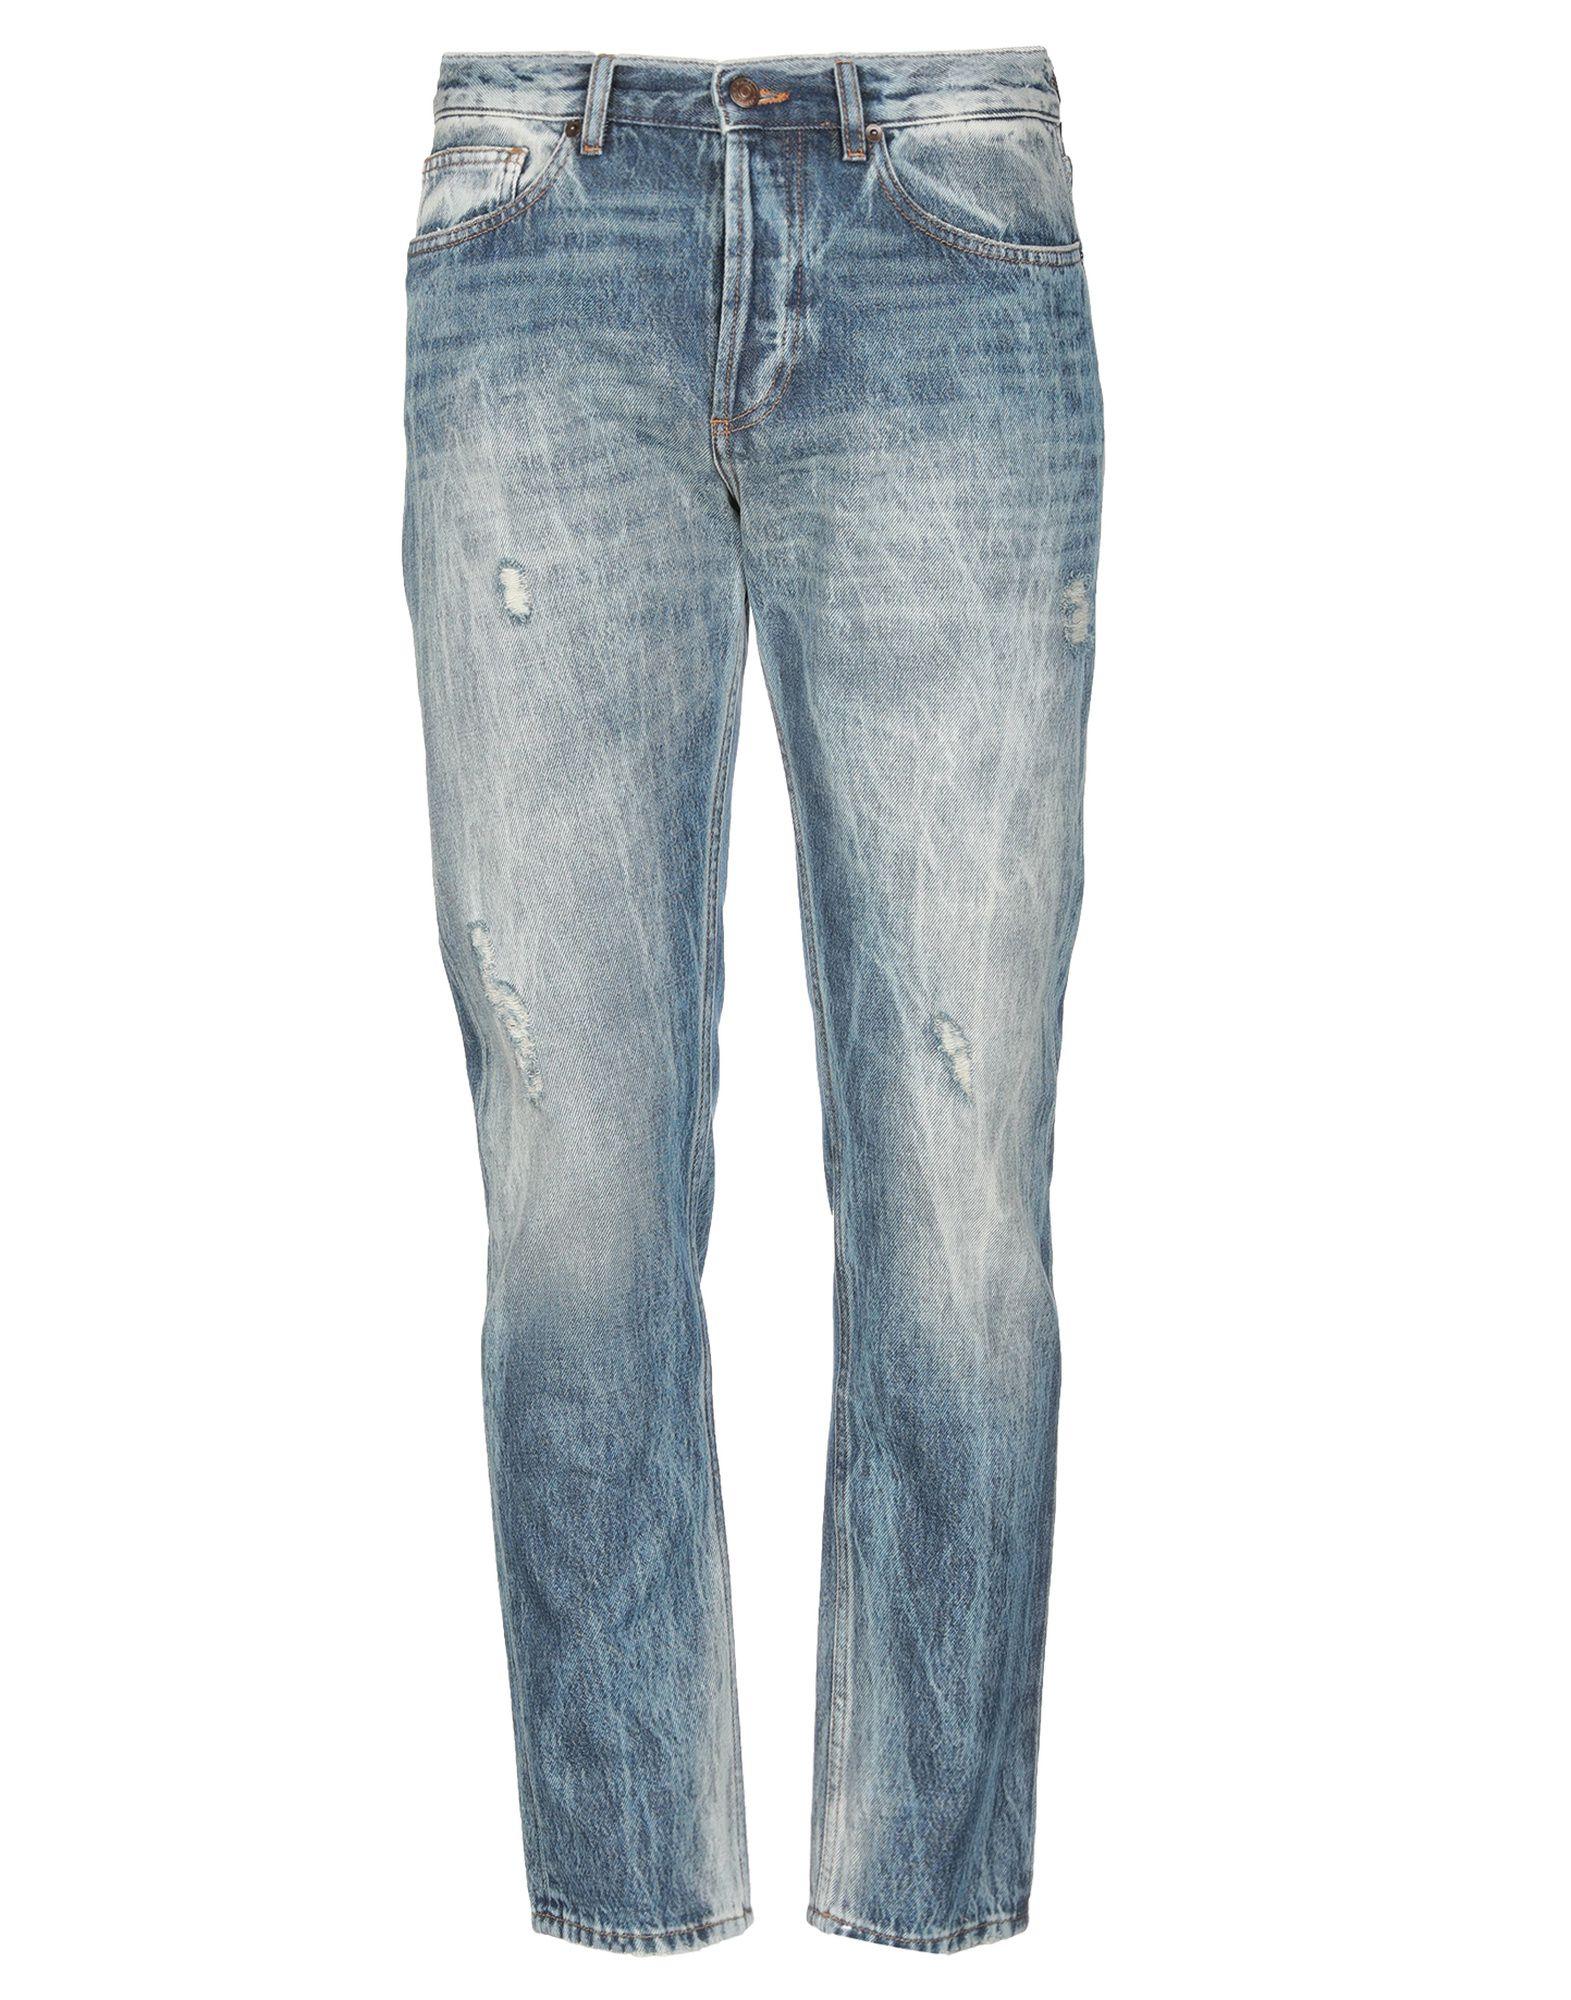 Pantaloni Jeans Mauro Grifoni uomo - 42717156XJ 42717156XJ  Discounter